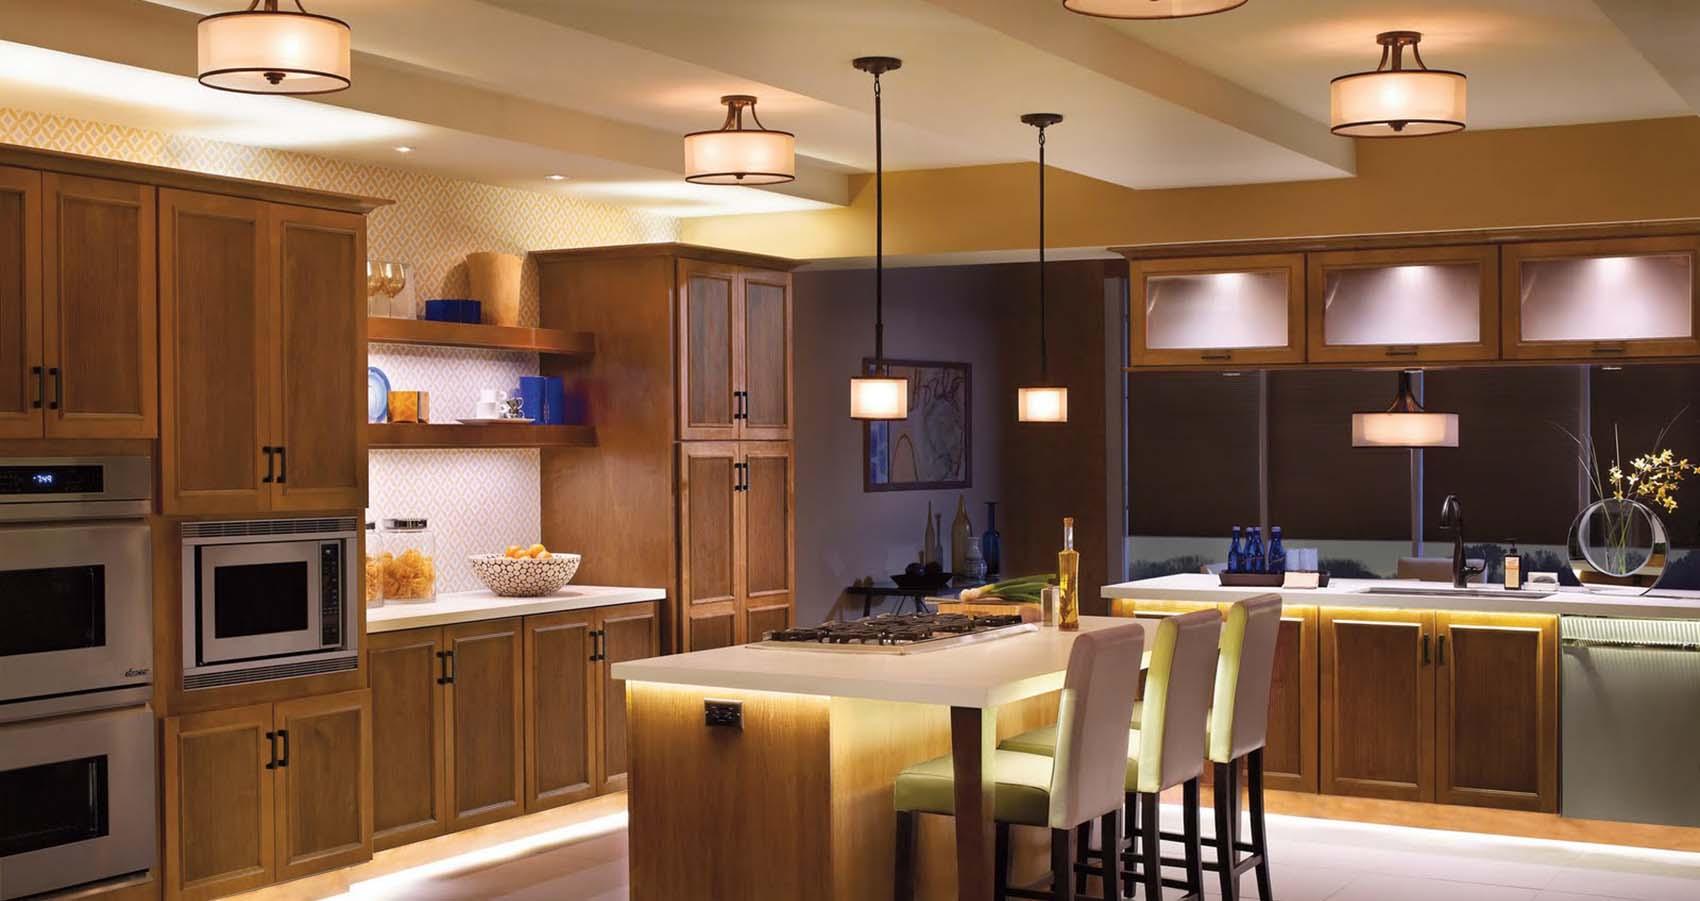 kitchen-track-lighting-fixtures